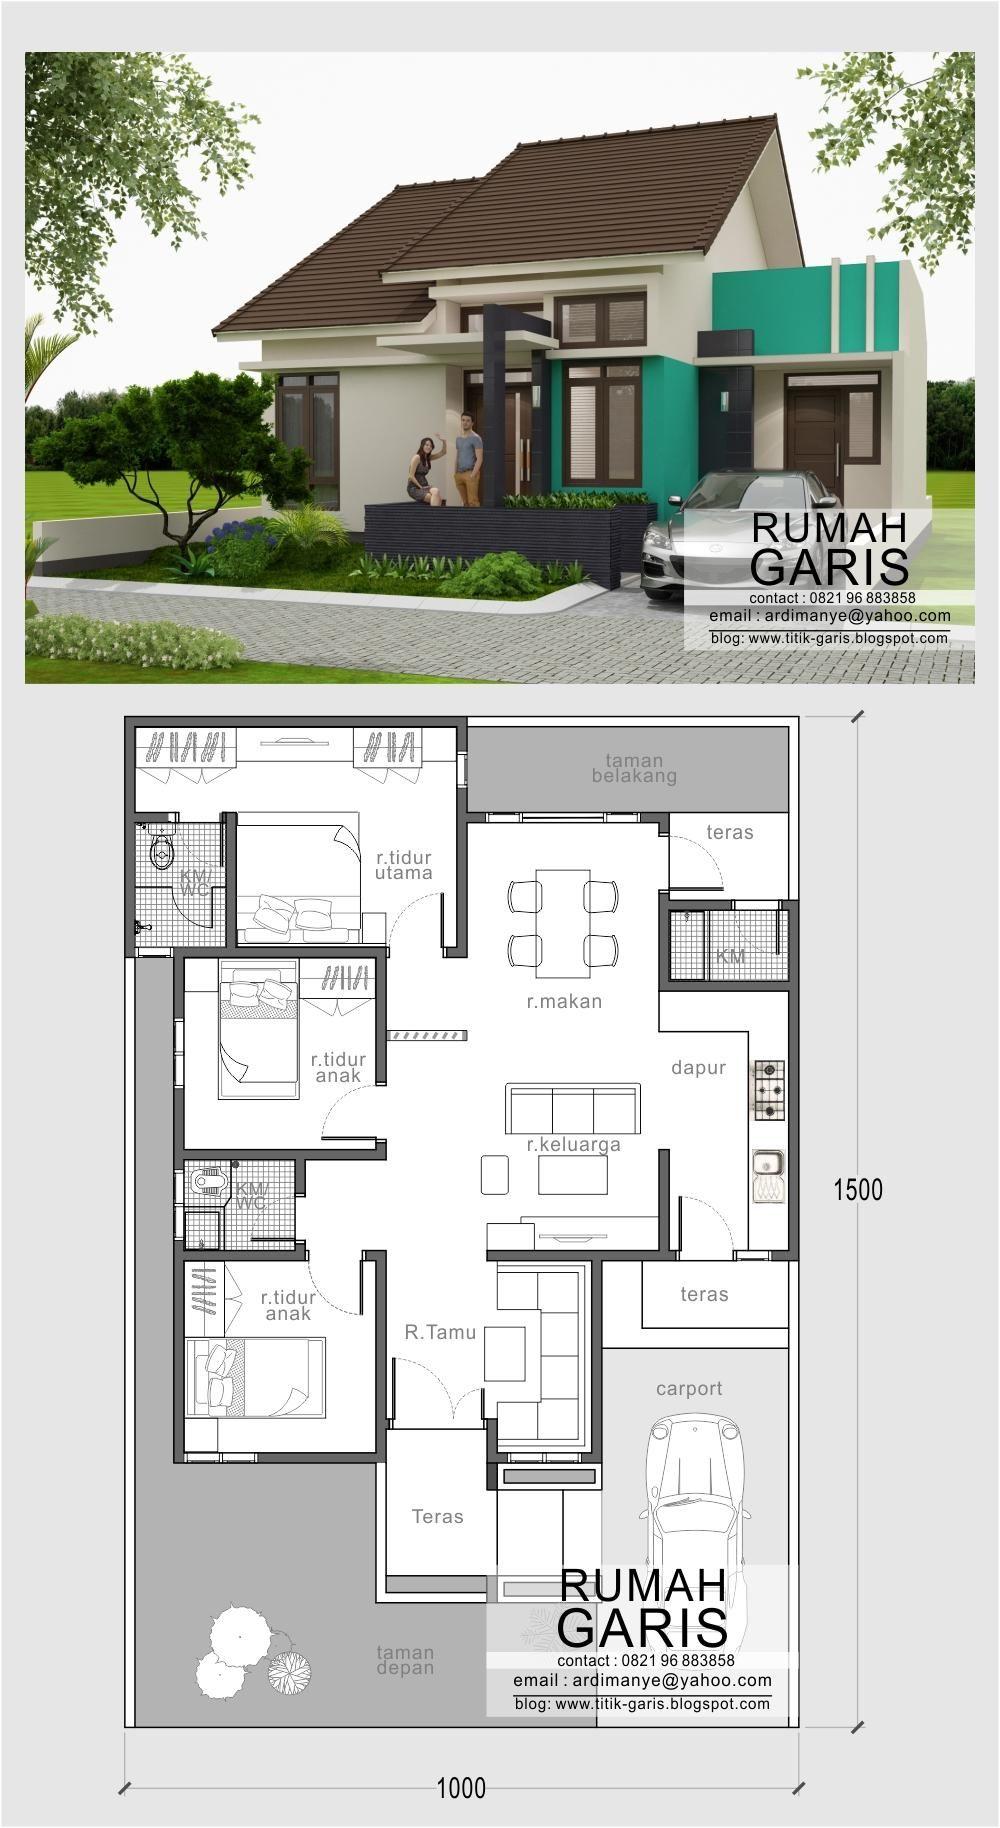 Denah Dan Tampak Rumah Sederhana Minimalis Tipe Rumah 90 M2 Di Lahan